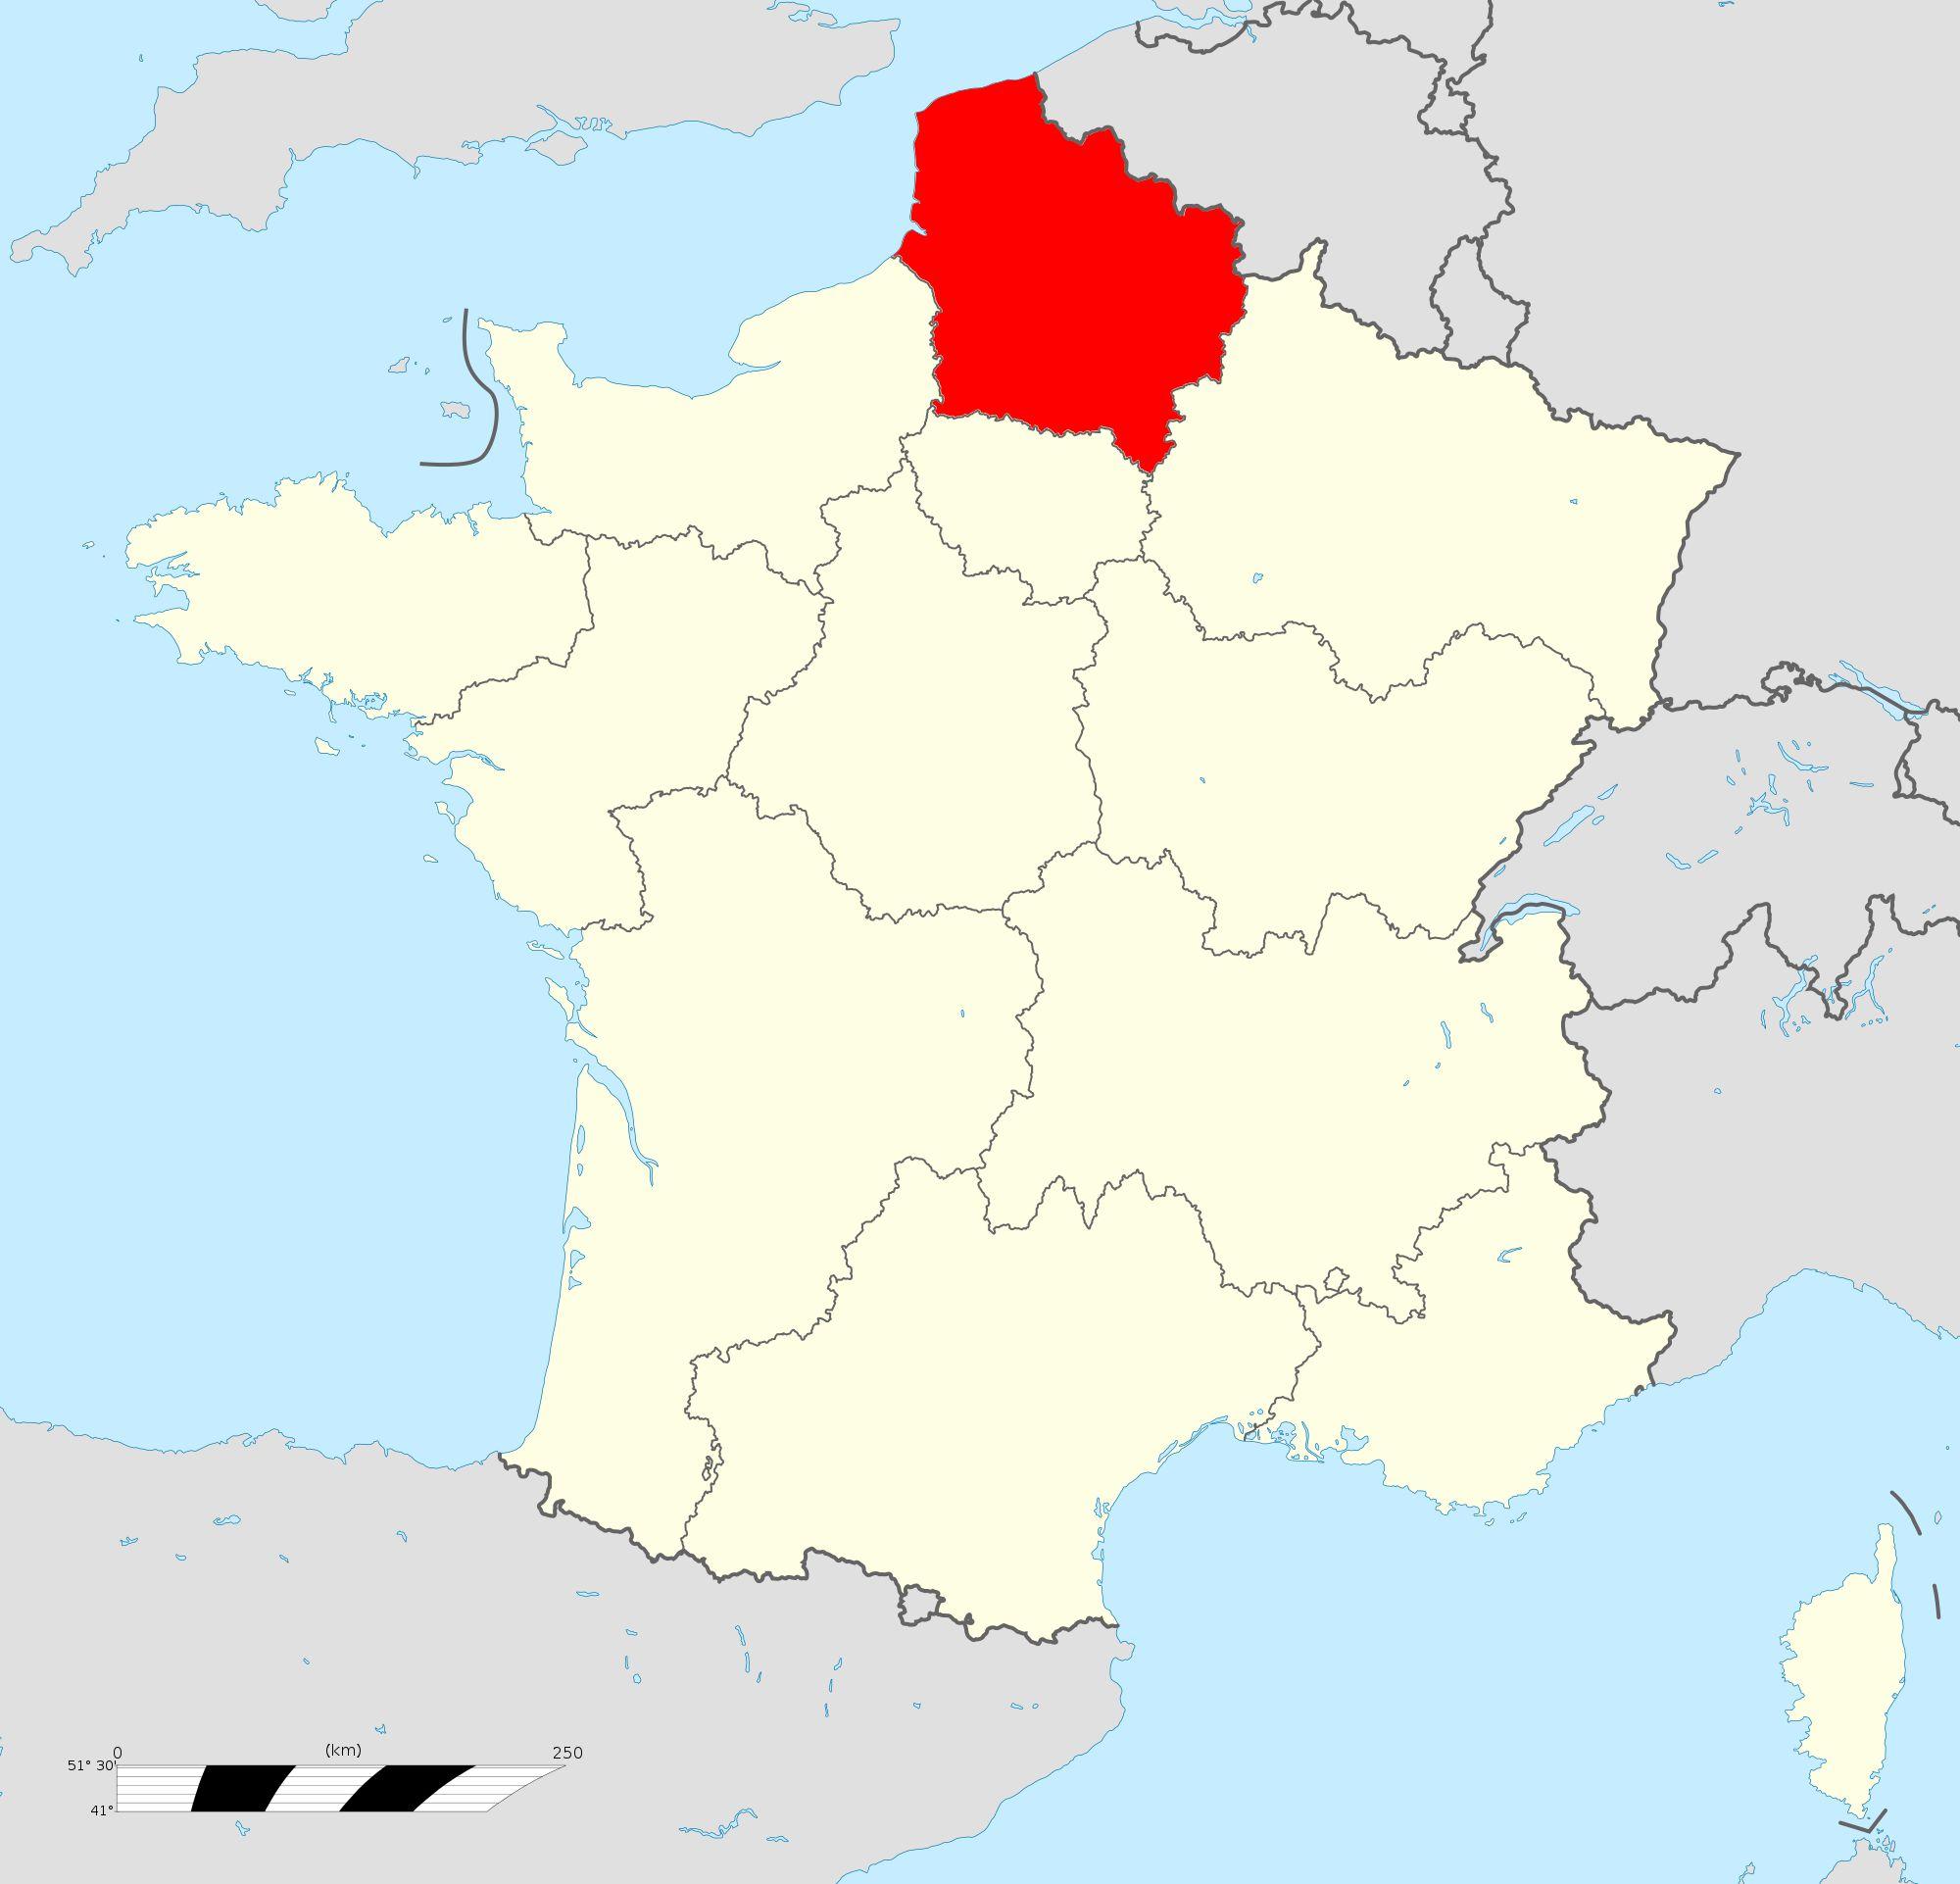 Où se trouve la région Hauts-de-France ?